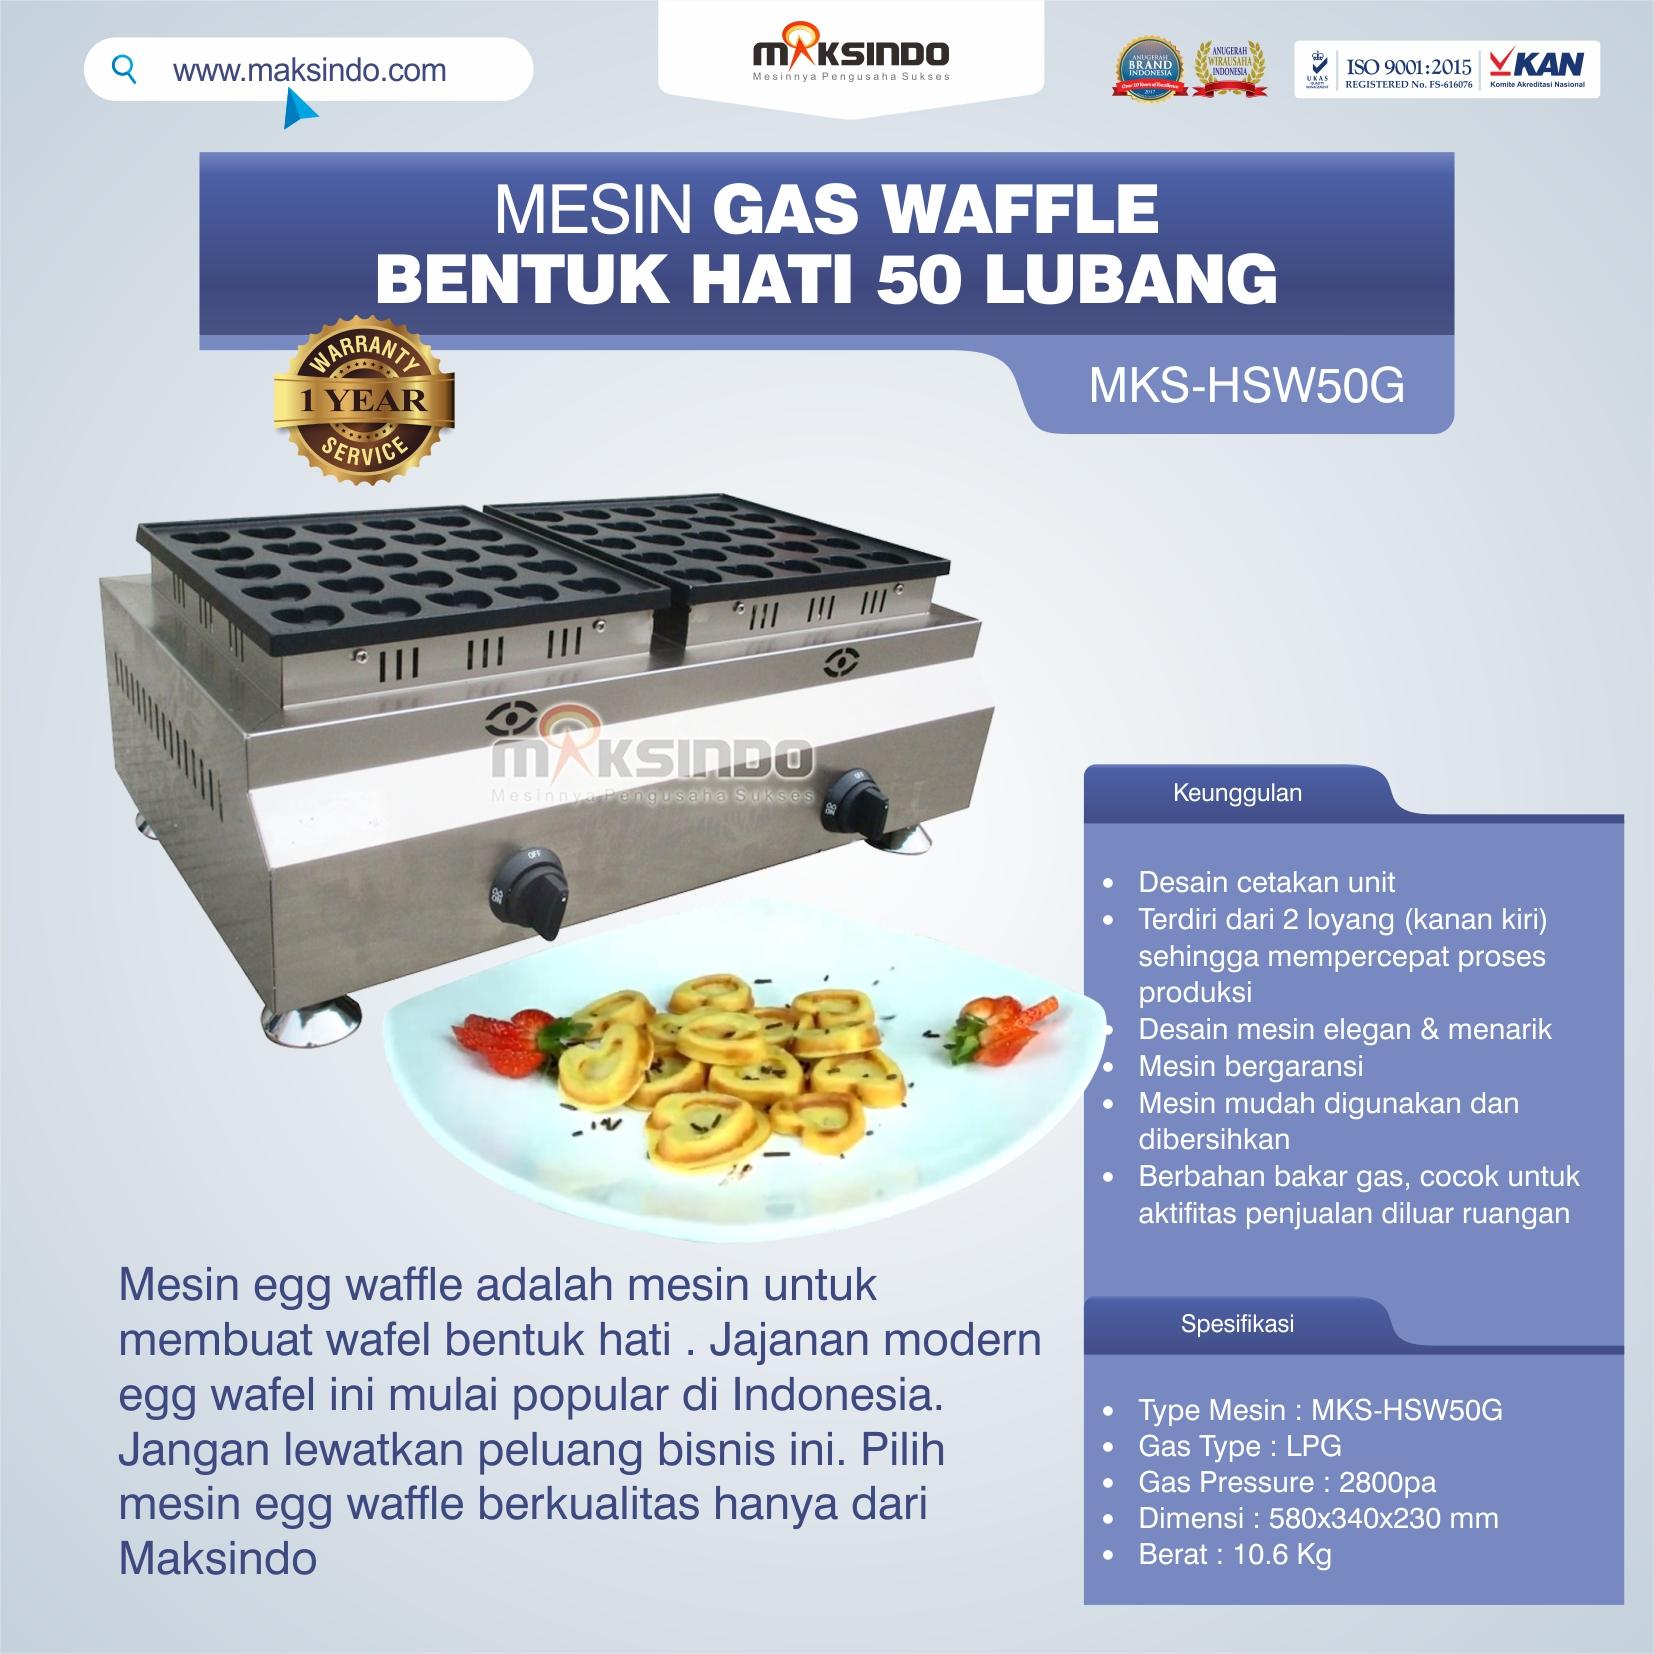 Jual Mesin Waffle Gas Bentuk Hati 50 Lubang MKS-HSW50G Di Makassar